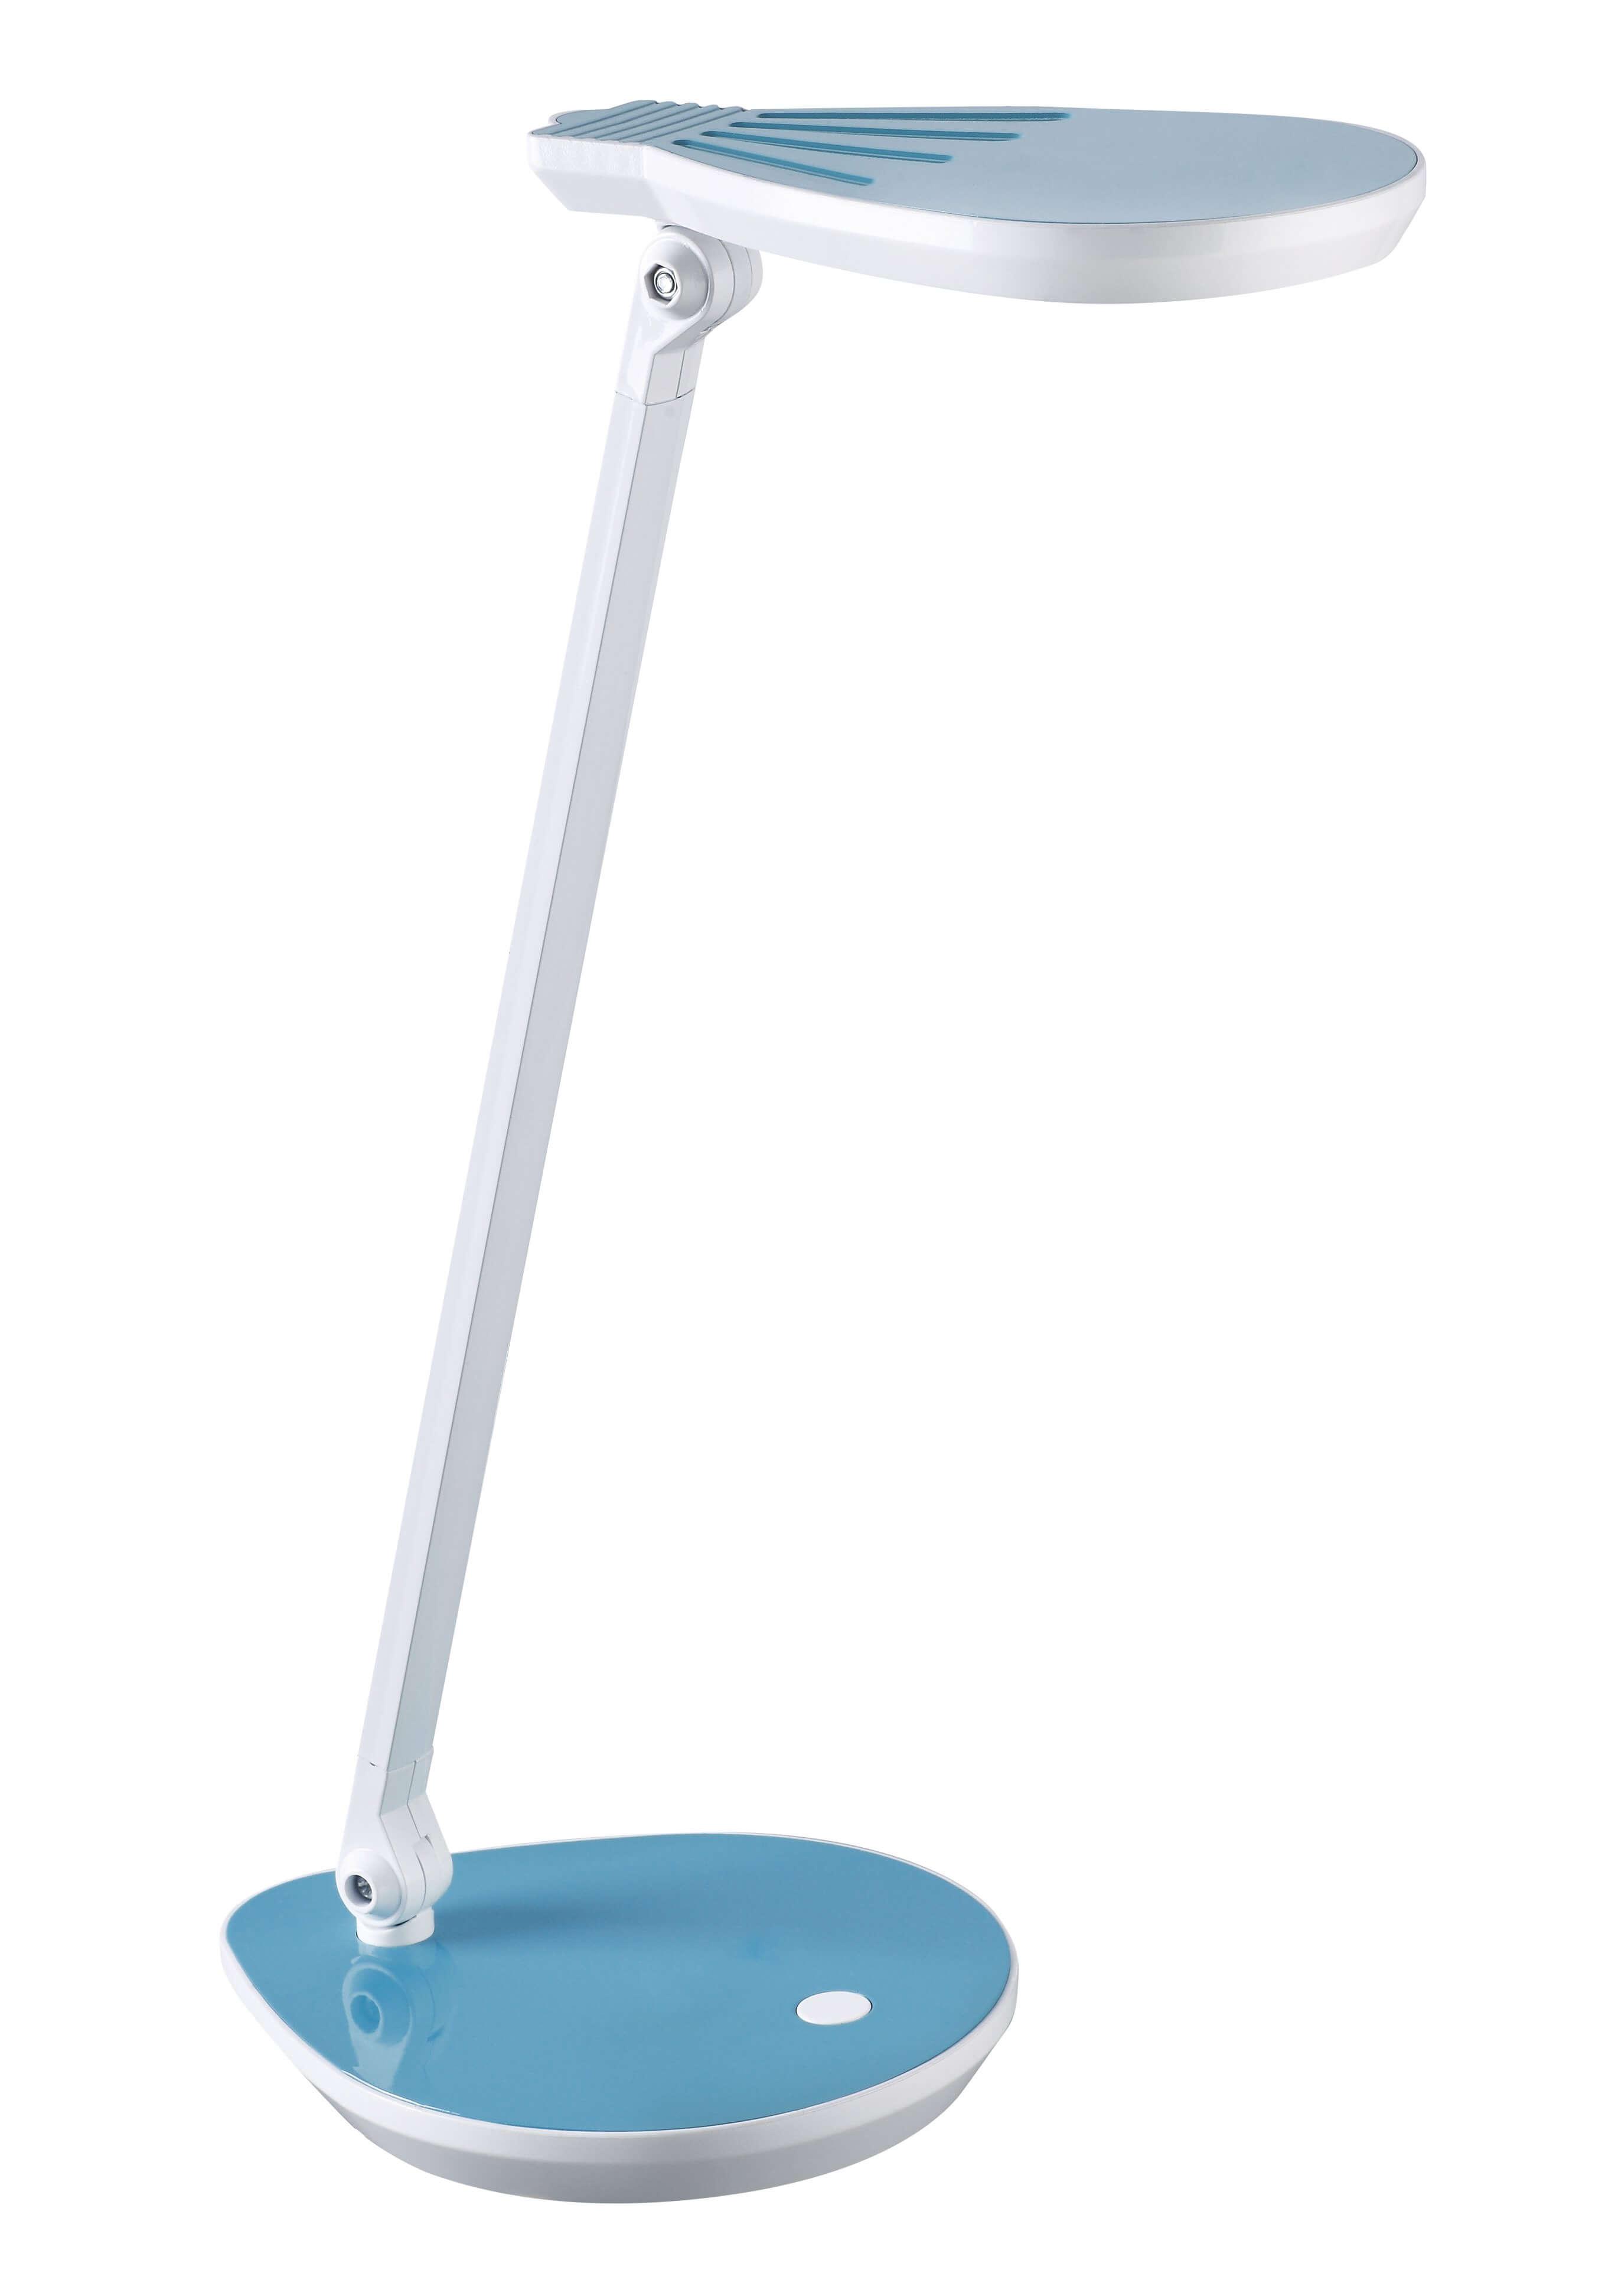 Светильник настольный Старт 5Вт голубой кнопка включения